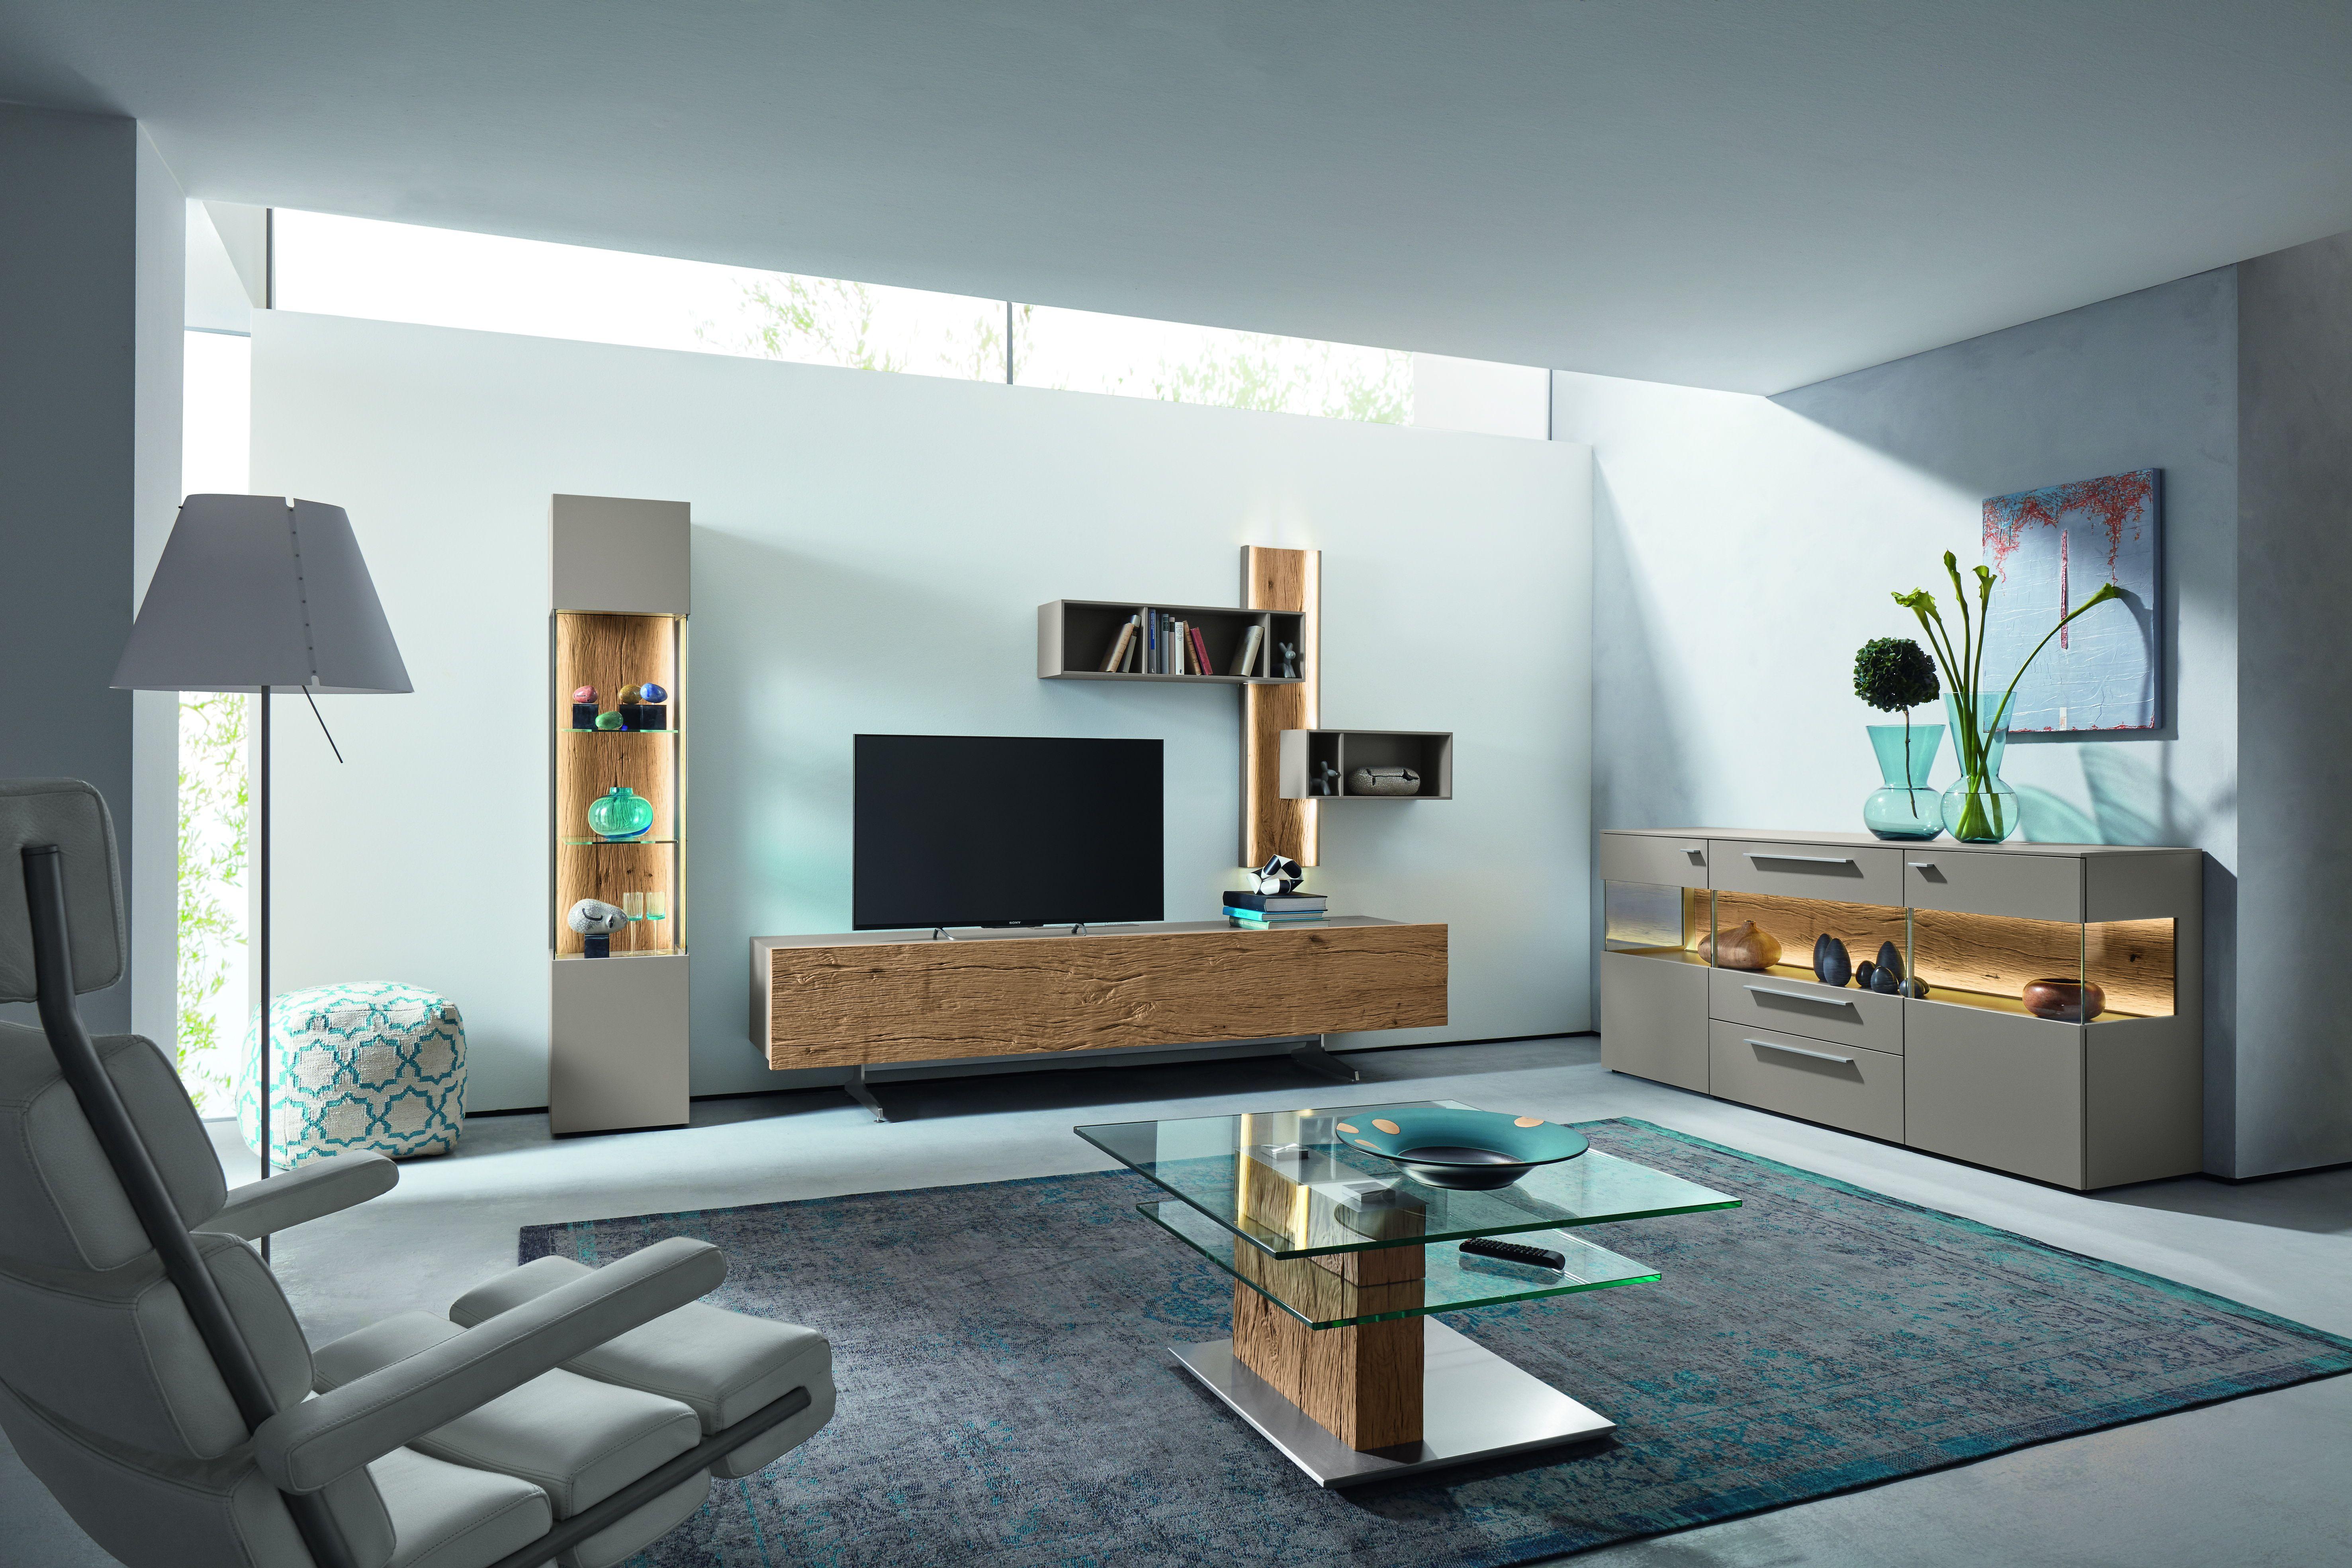 #möbel #madeingermany #furniture #gwinner #wohndesign #design #wohnzimmer  #livingroom Design Ideas